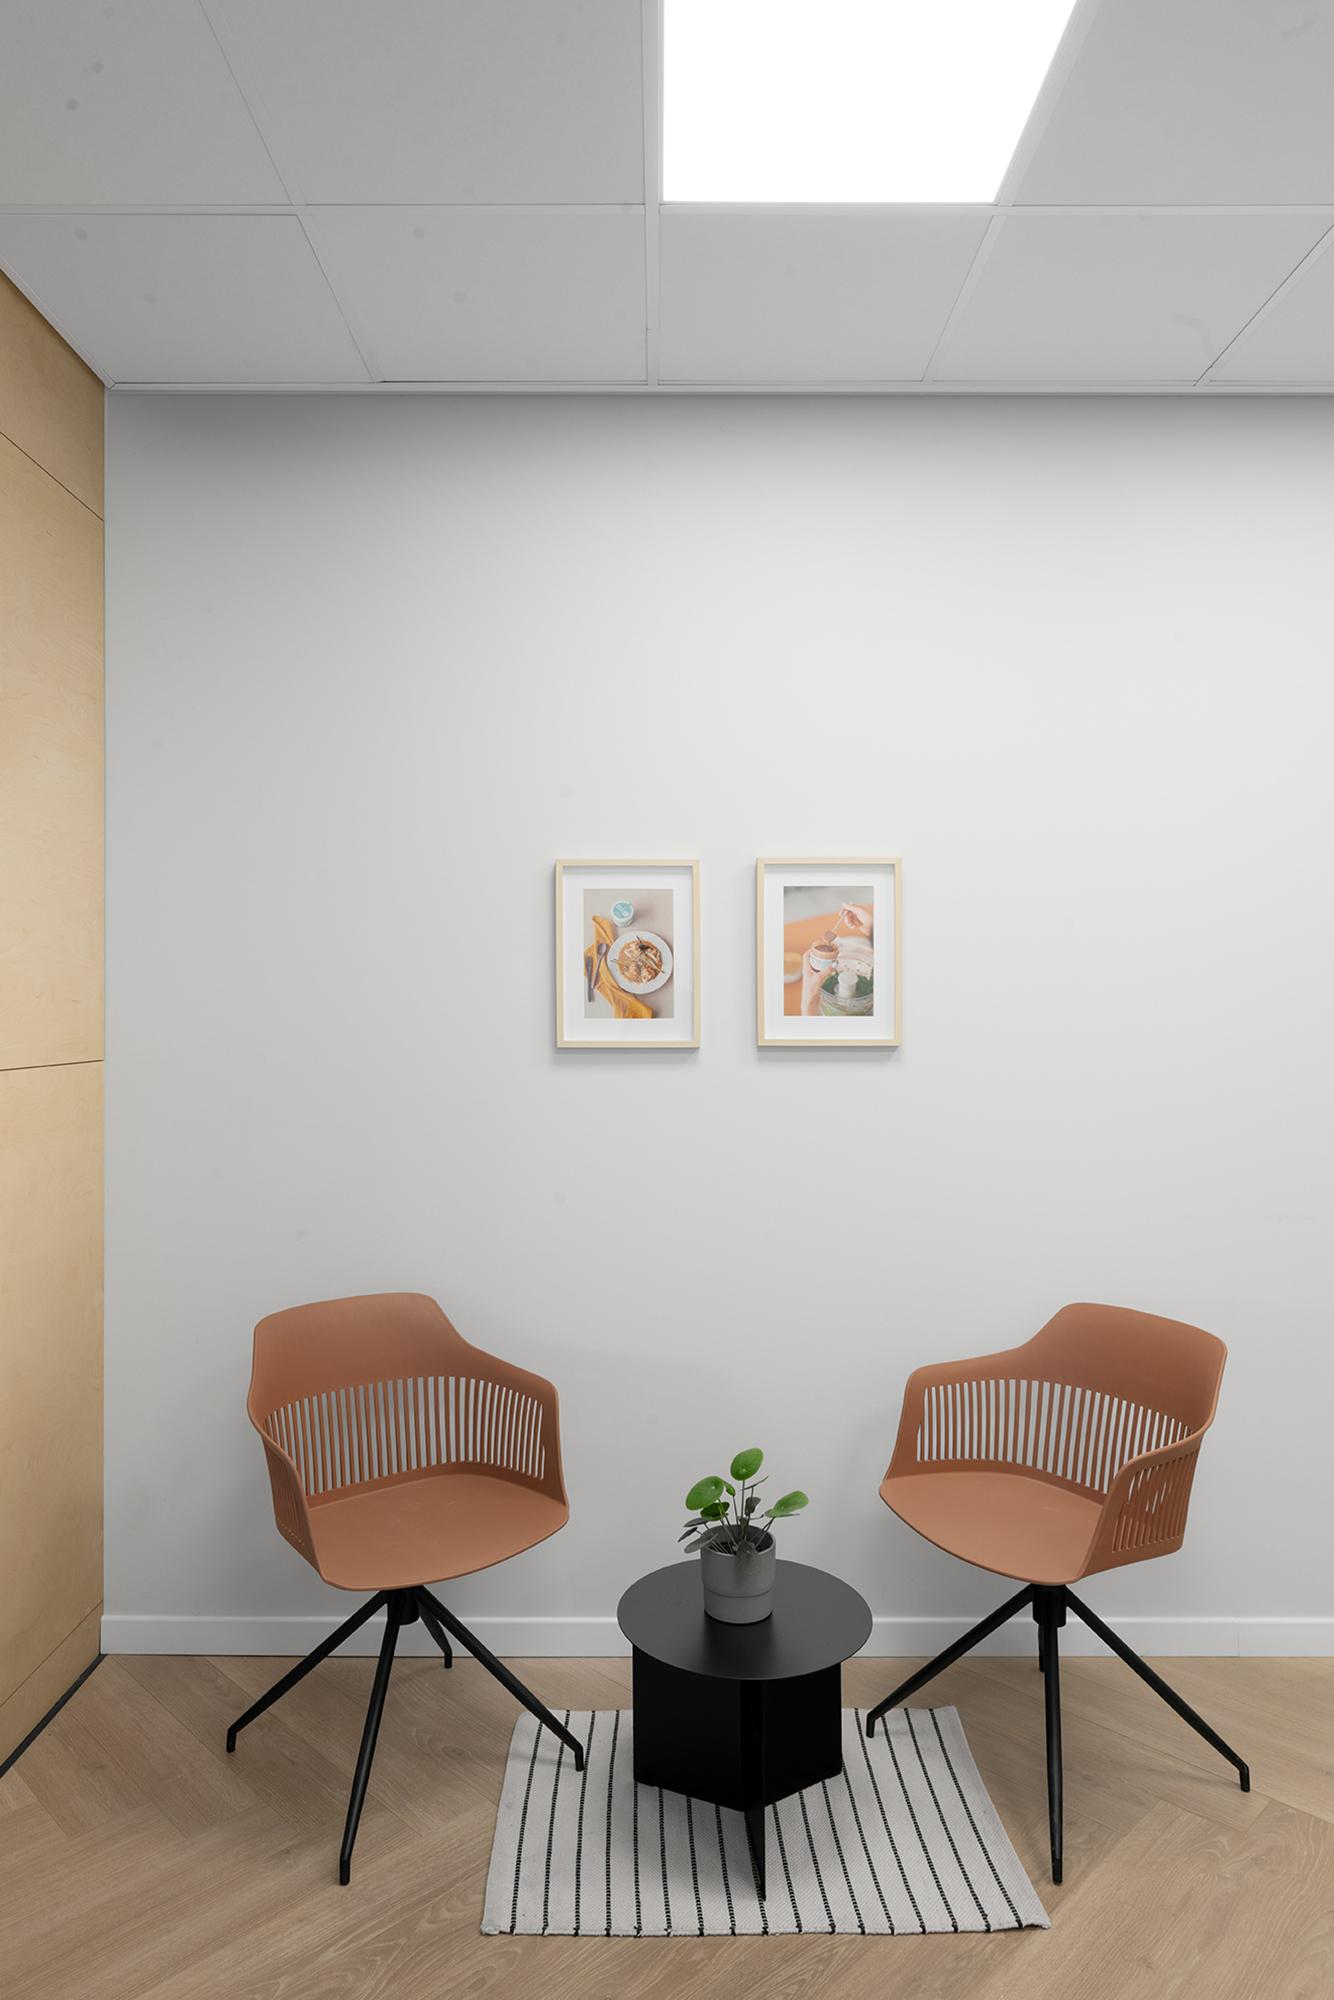 עיצוב פנים, עיצוב פנים למשרדים, עיצוב משרדים